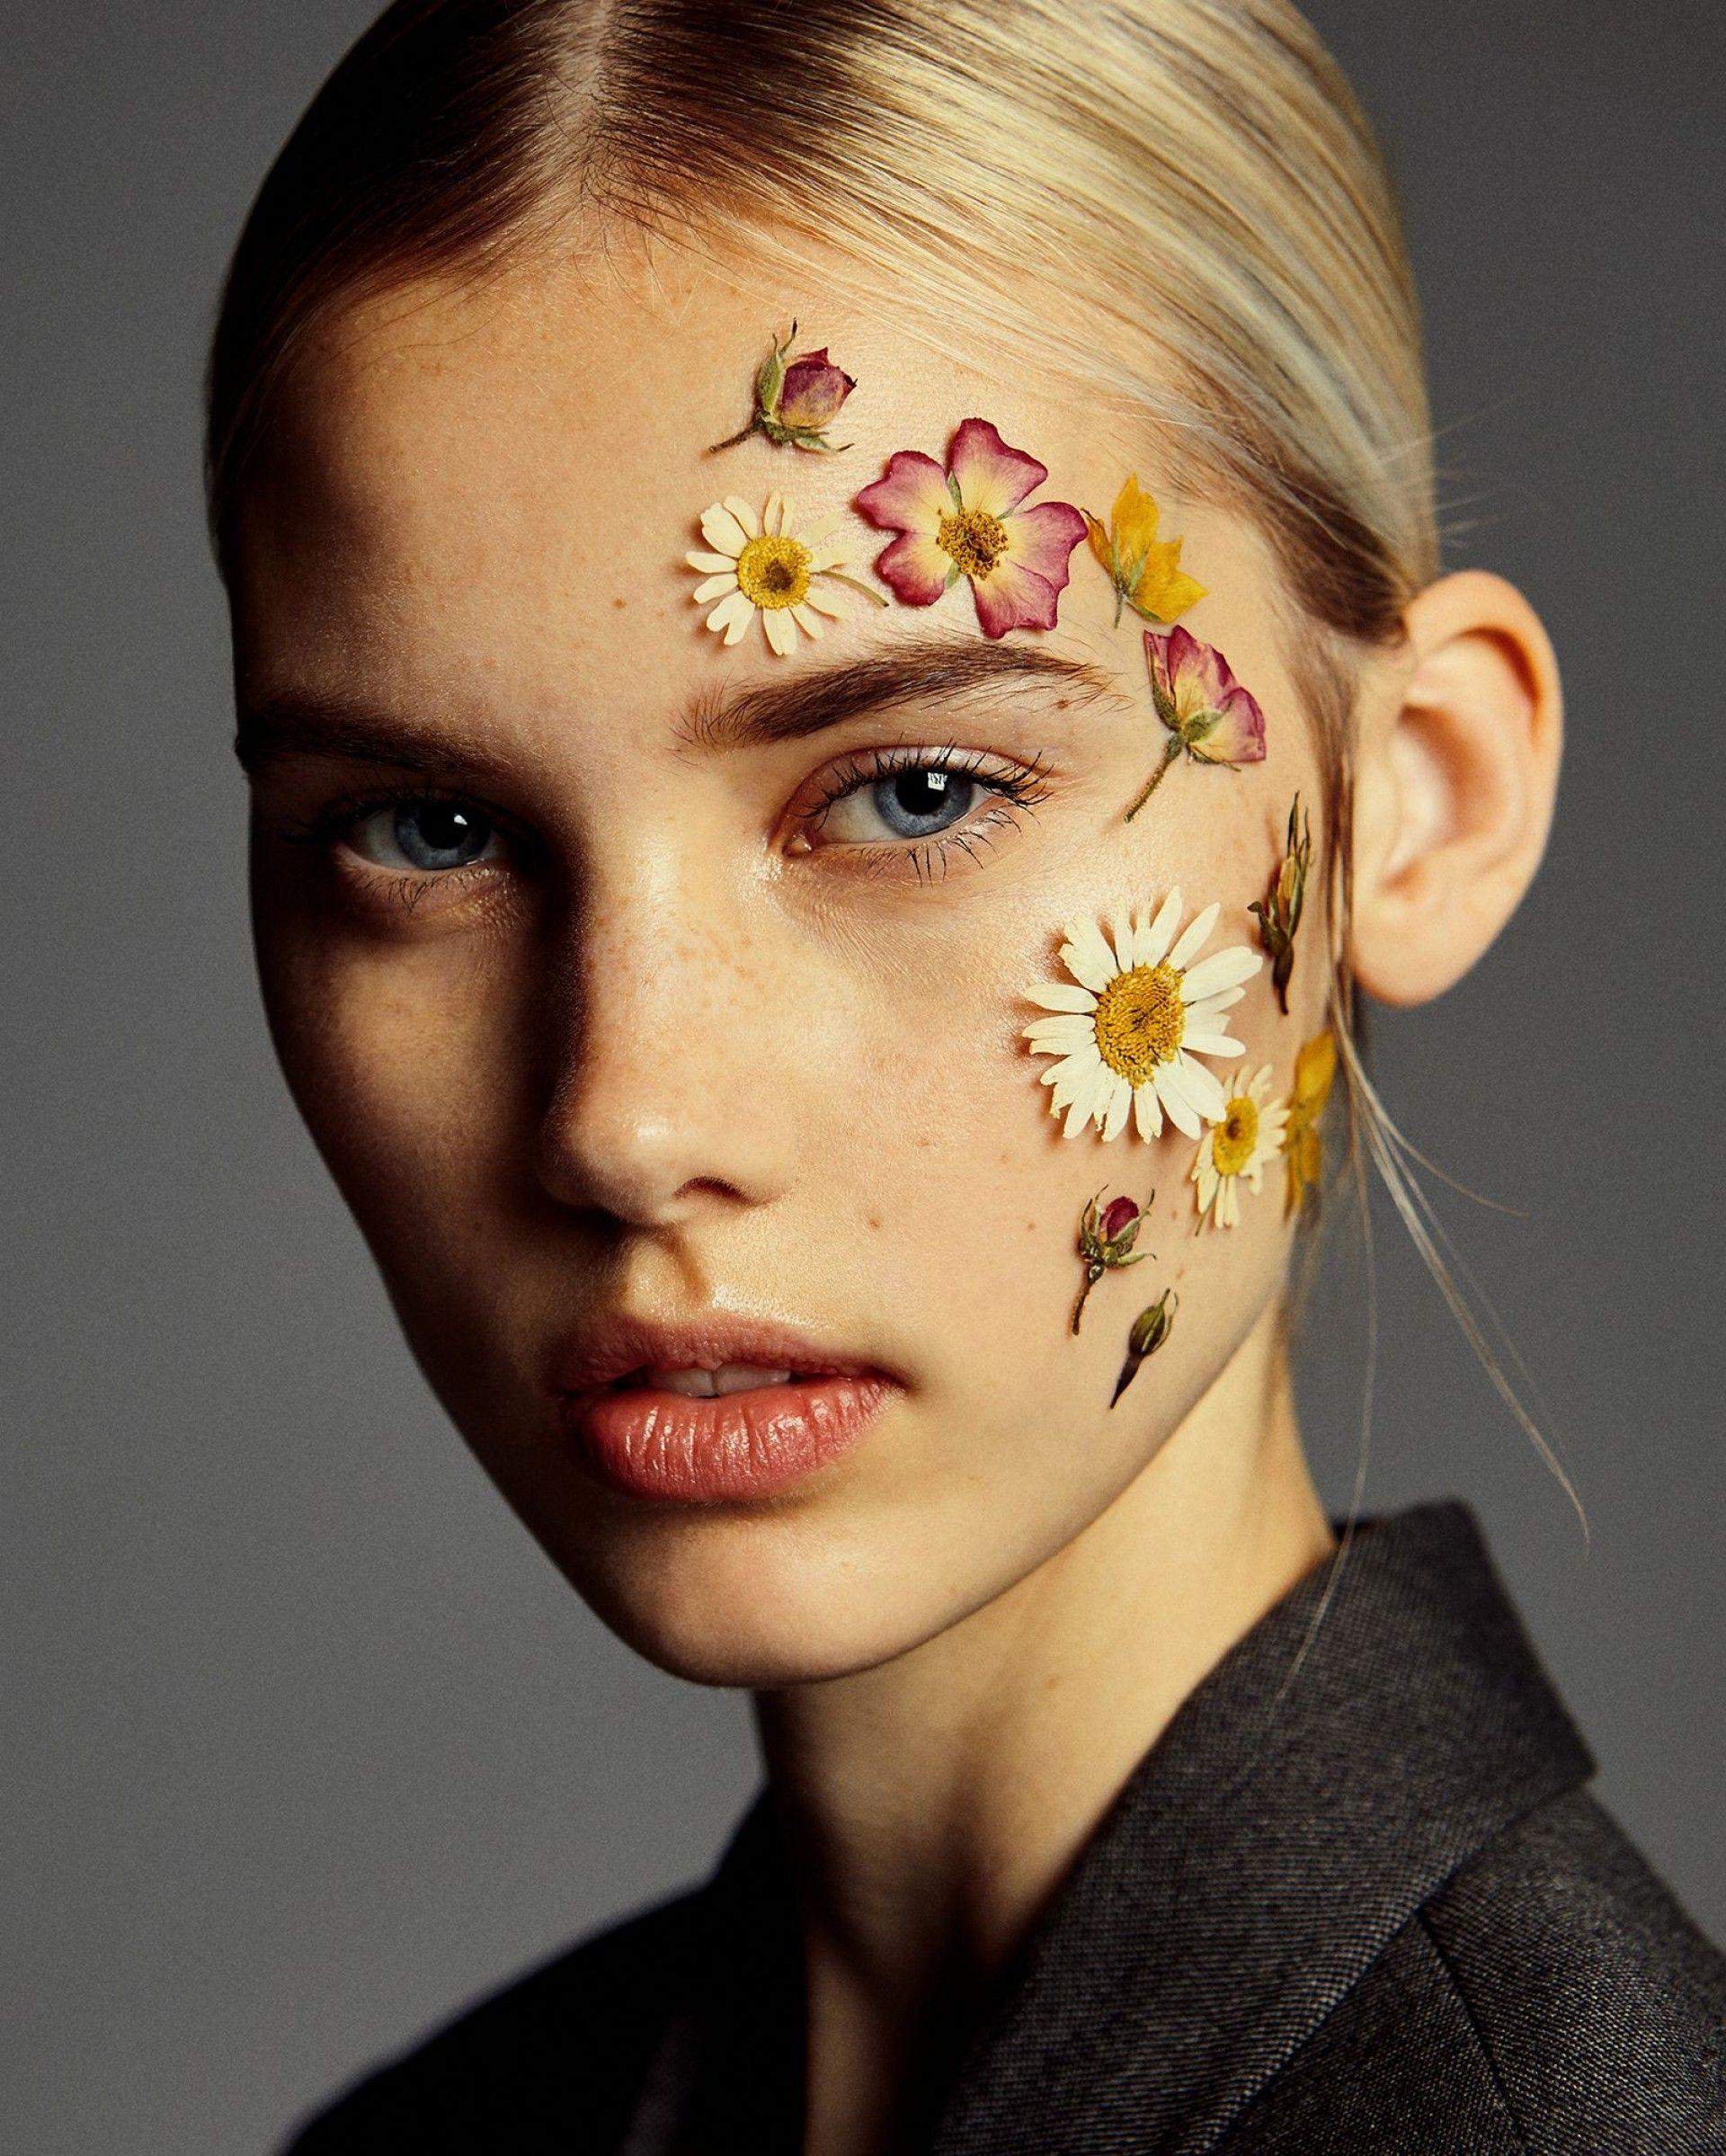 Flower Children Dry Flower Makeup Kit In 2019 Makeup Art Flower